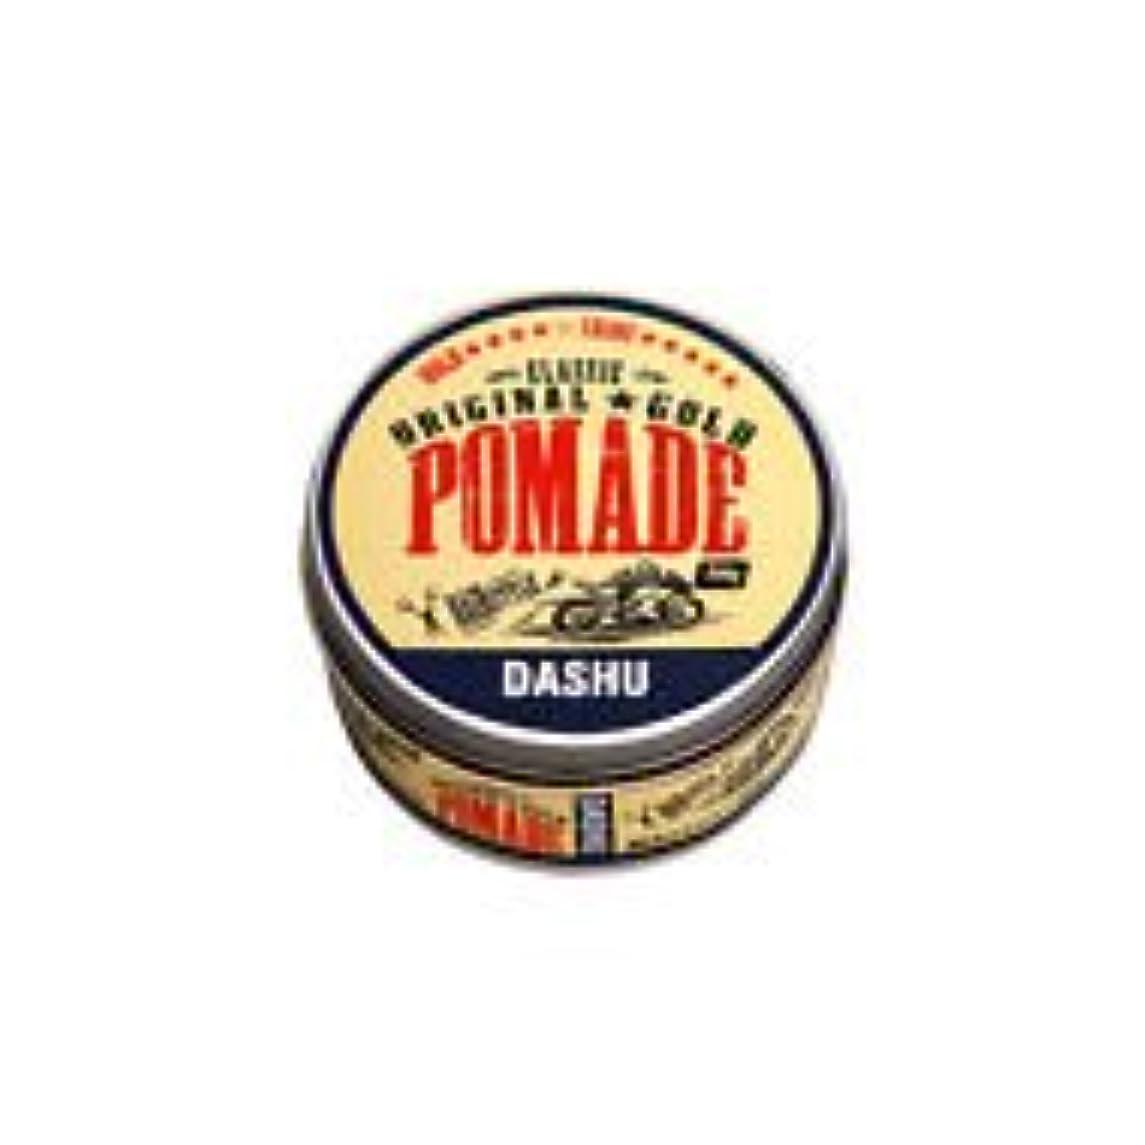 具体的に正当な記述する[DASHU] ダシュ クラシックオリジナルゴールドポマードヘアワックス Classic Original Gold Pomade Hair Wax 100ml / 韓国製 . 韓国直送品